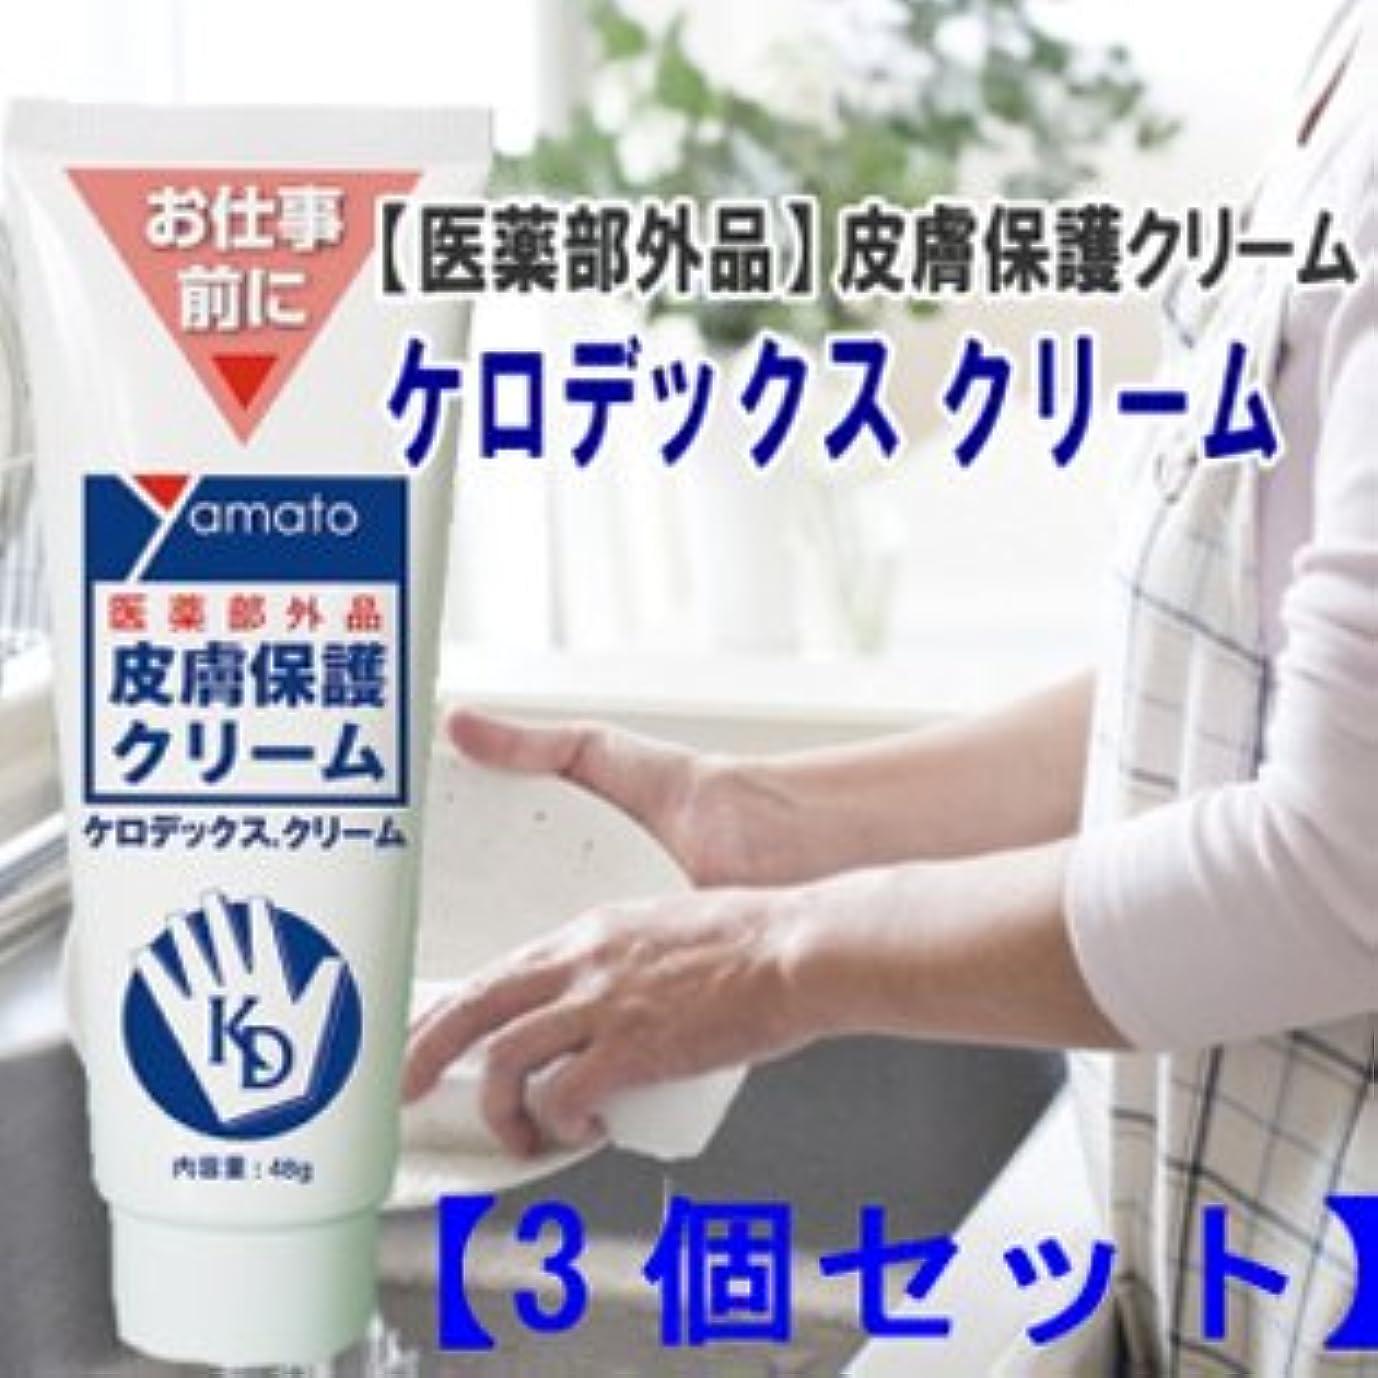 経験者外科医情熱的医薬部外品 皮膚保護クリーム ケロデックスクリーム48g 3個セット